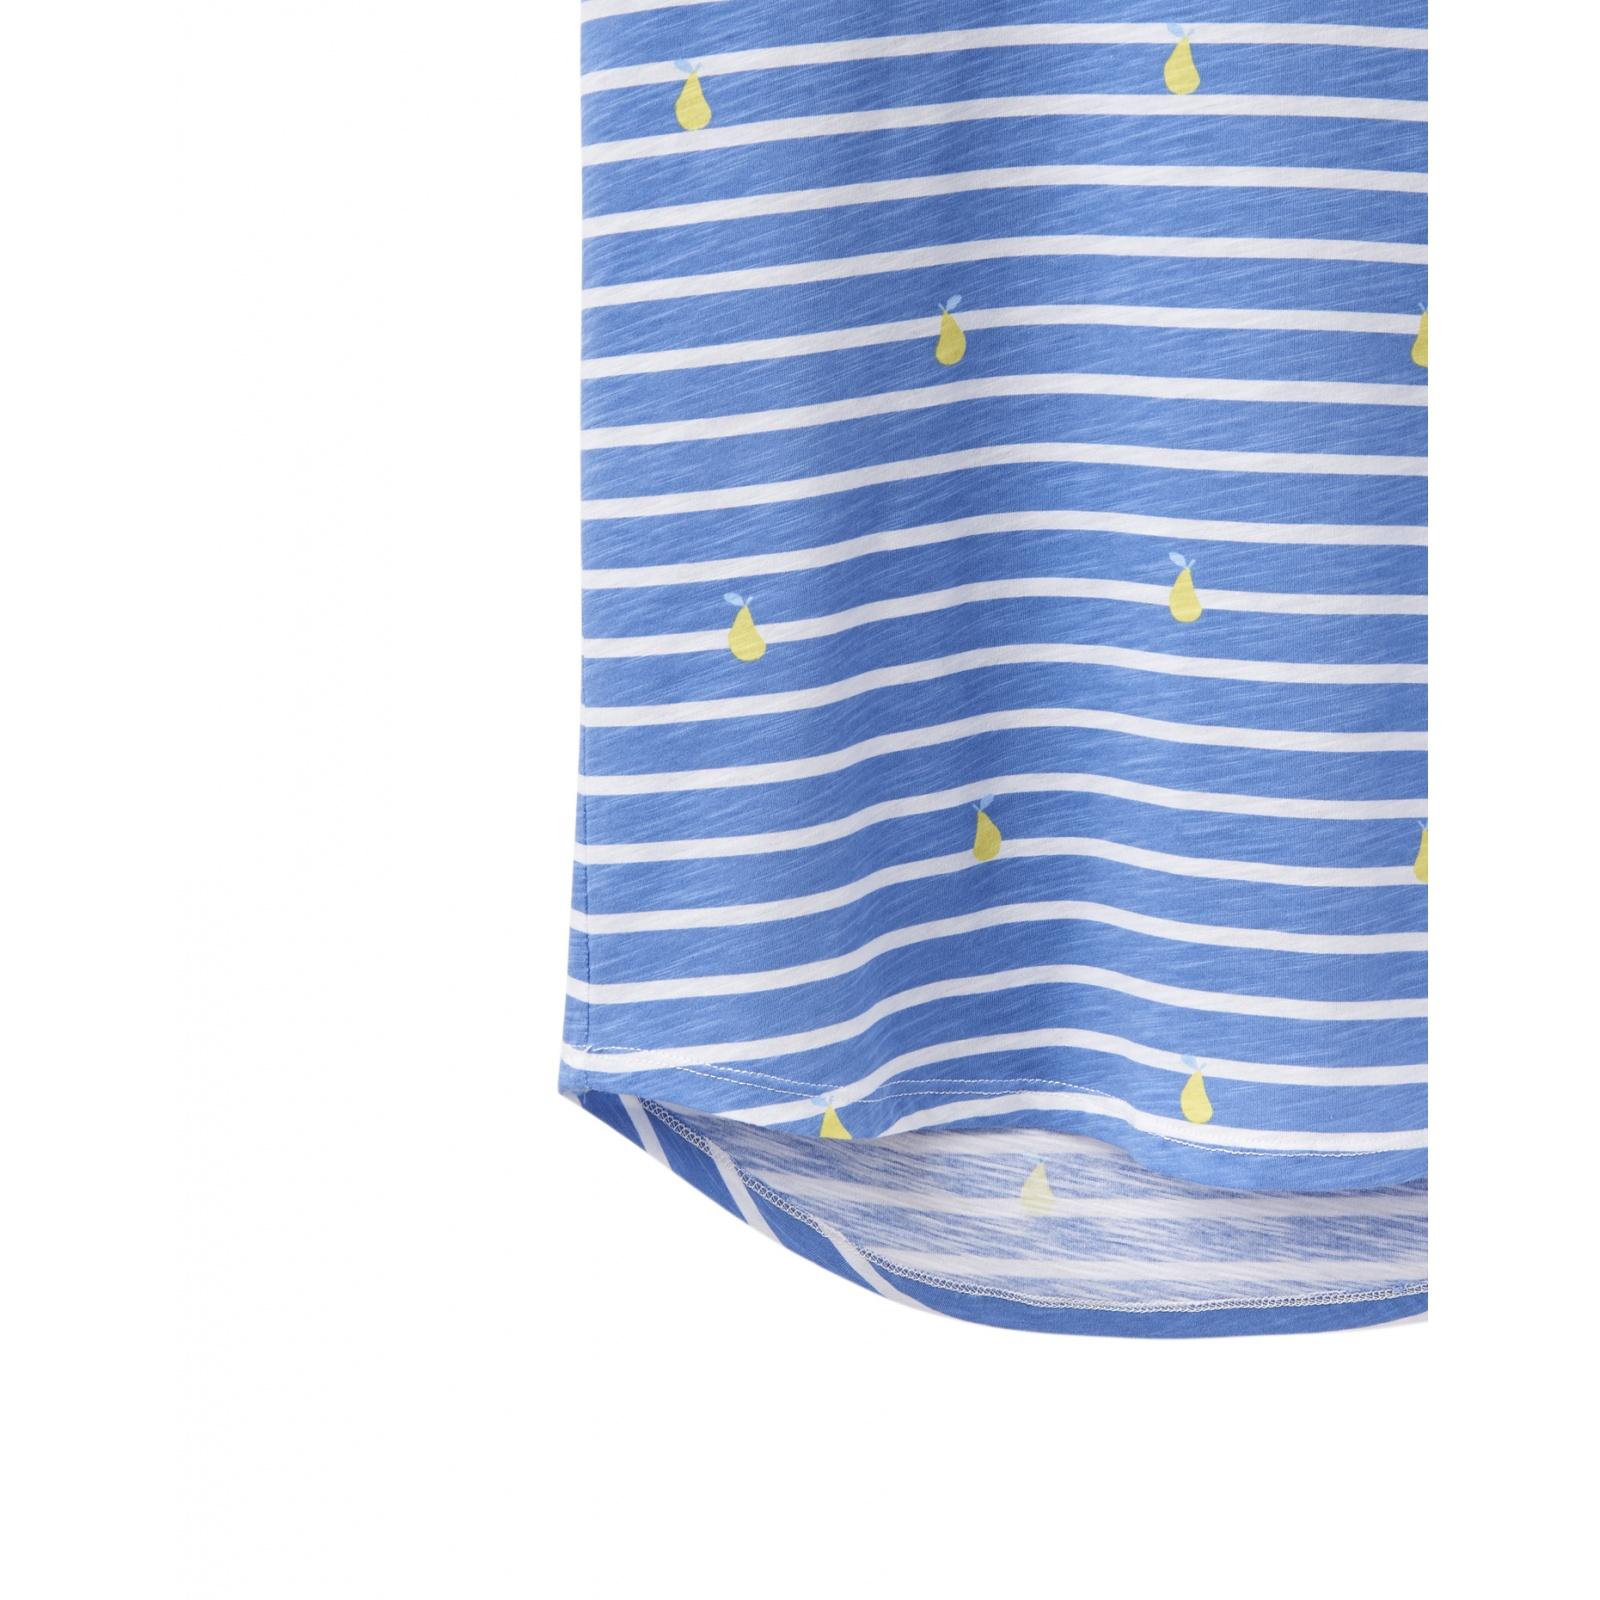 Joules-Bo-impresion-100-Algodon-Jersey-Chaleco-Top-Todos-Los-Colores miniatura 6